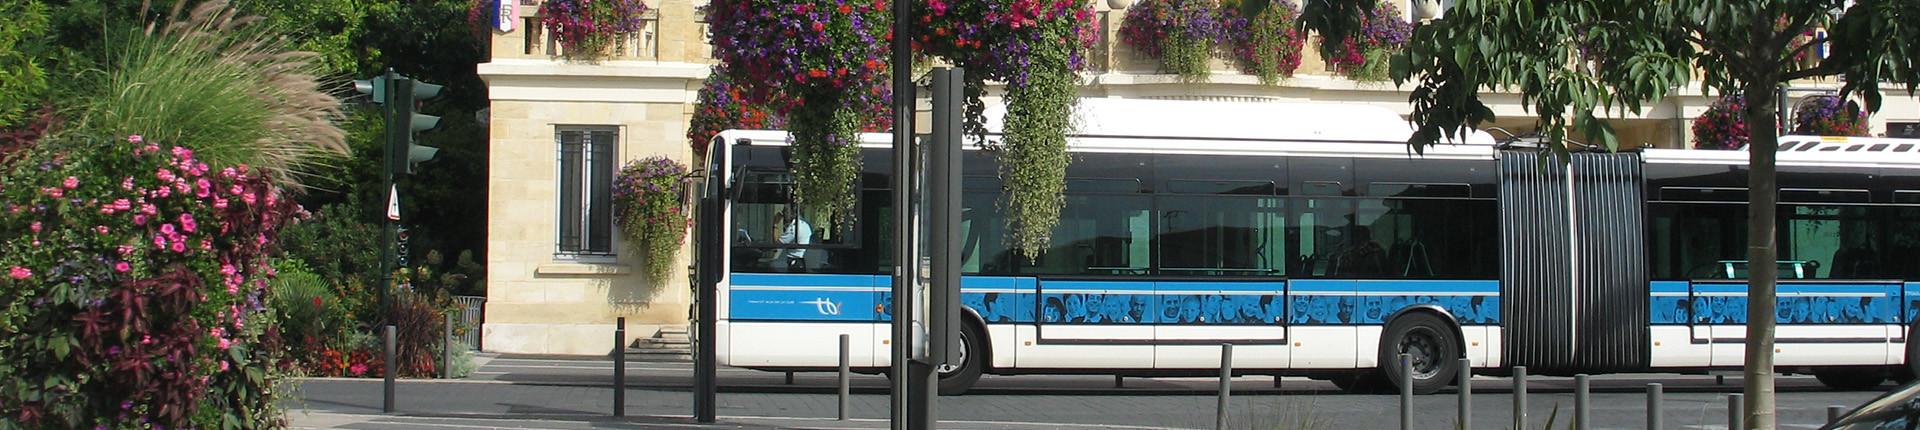 Carte Tram Bordeaux Demandeur Demploi.Saint Medard En Jalles